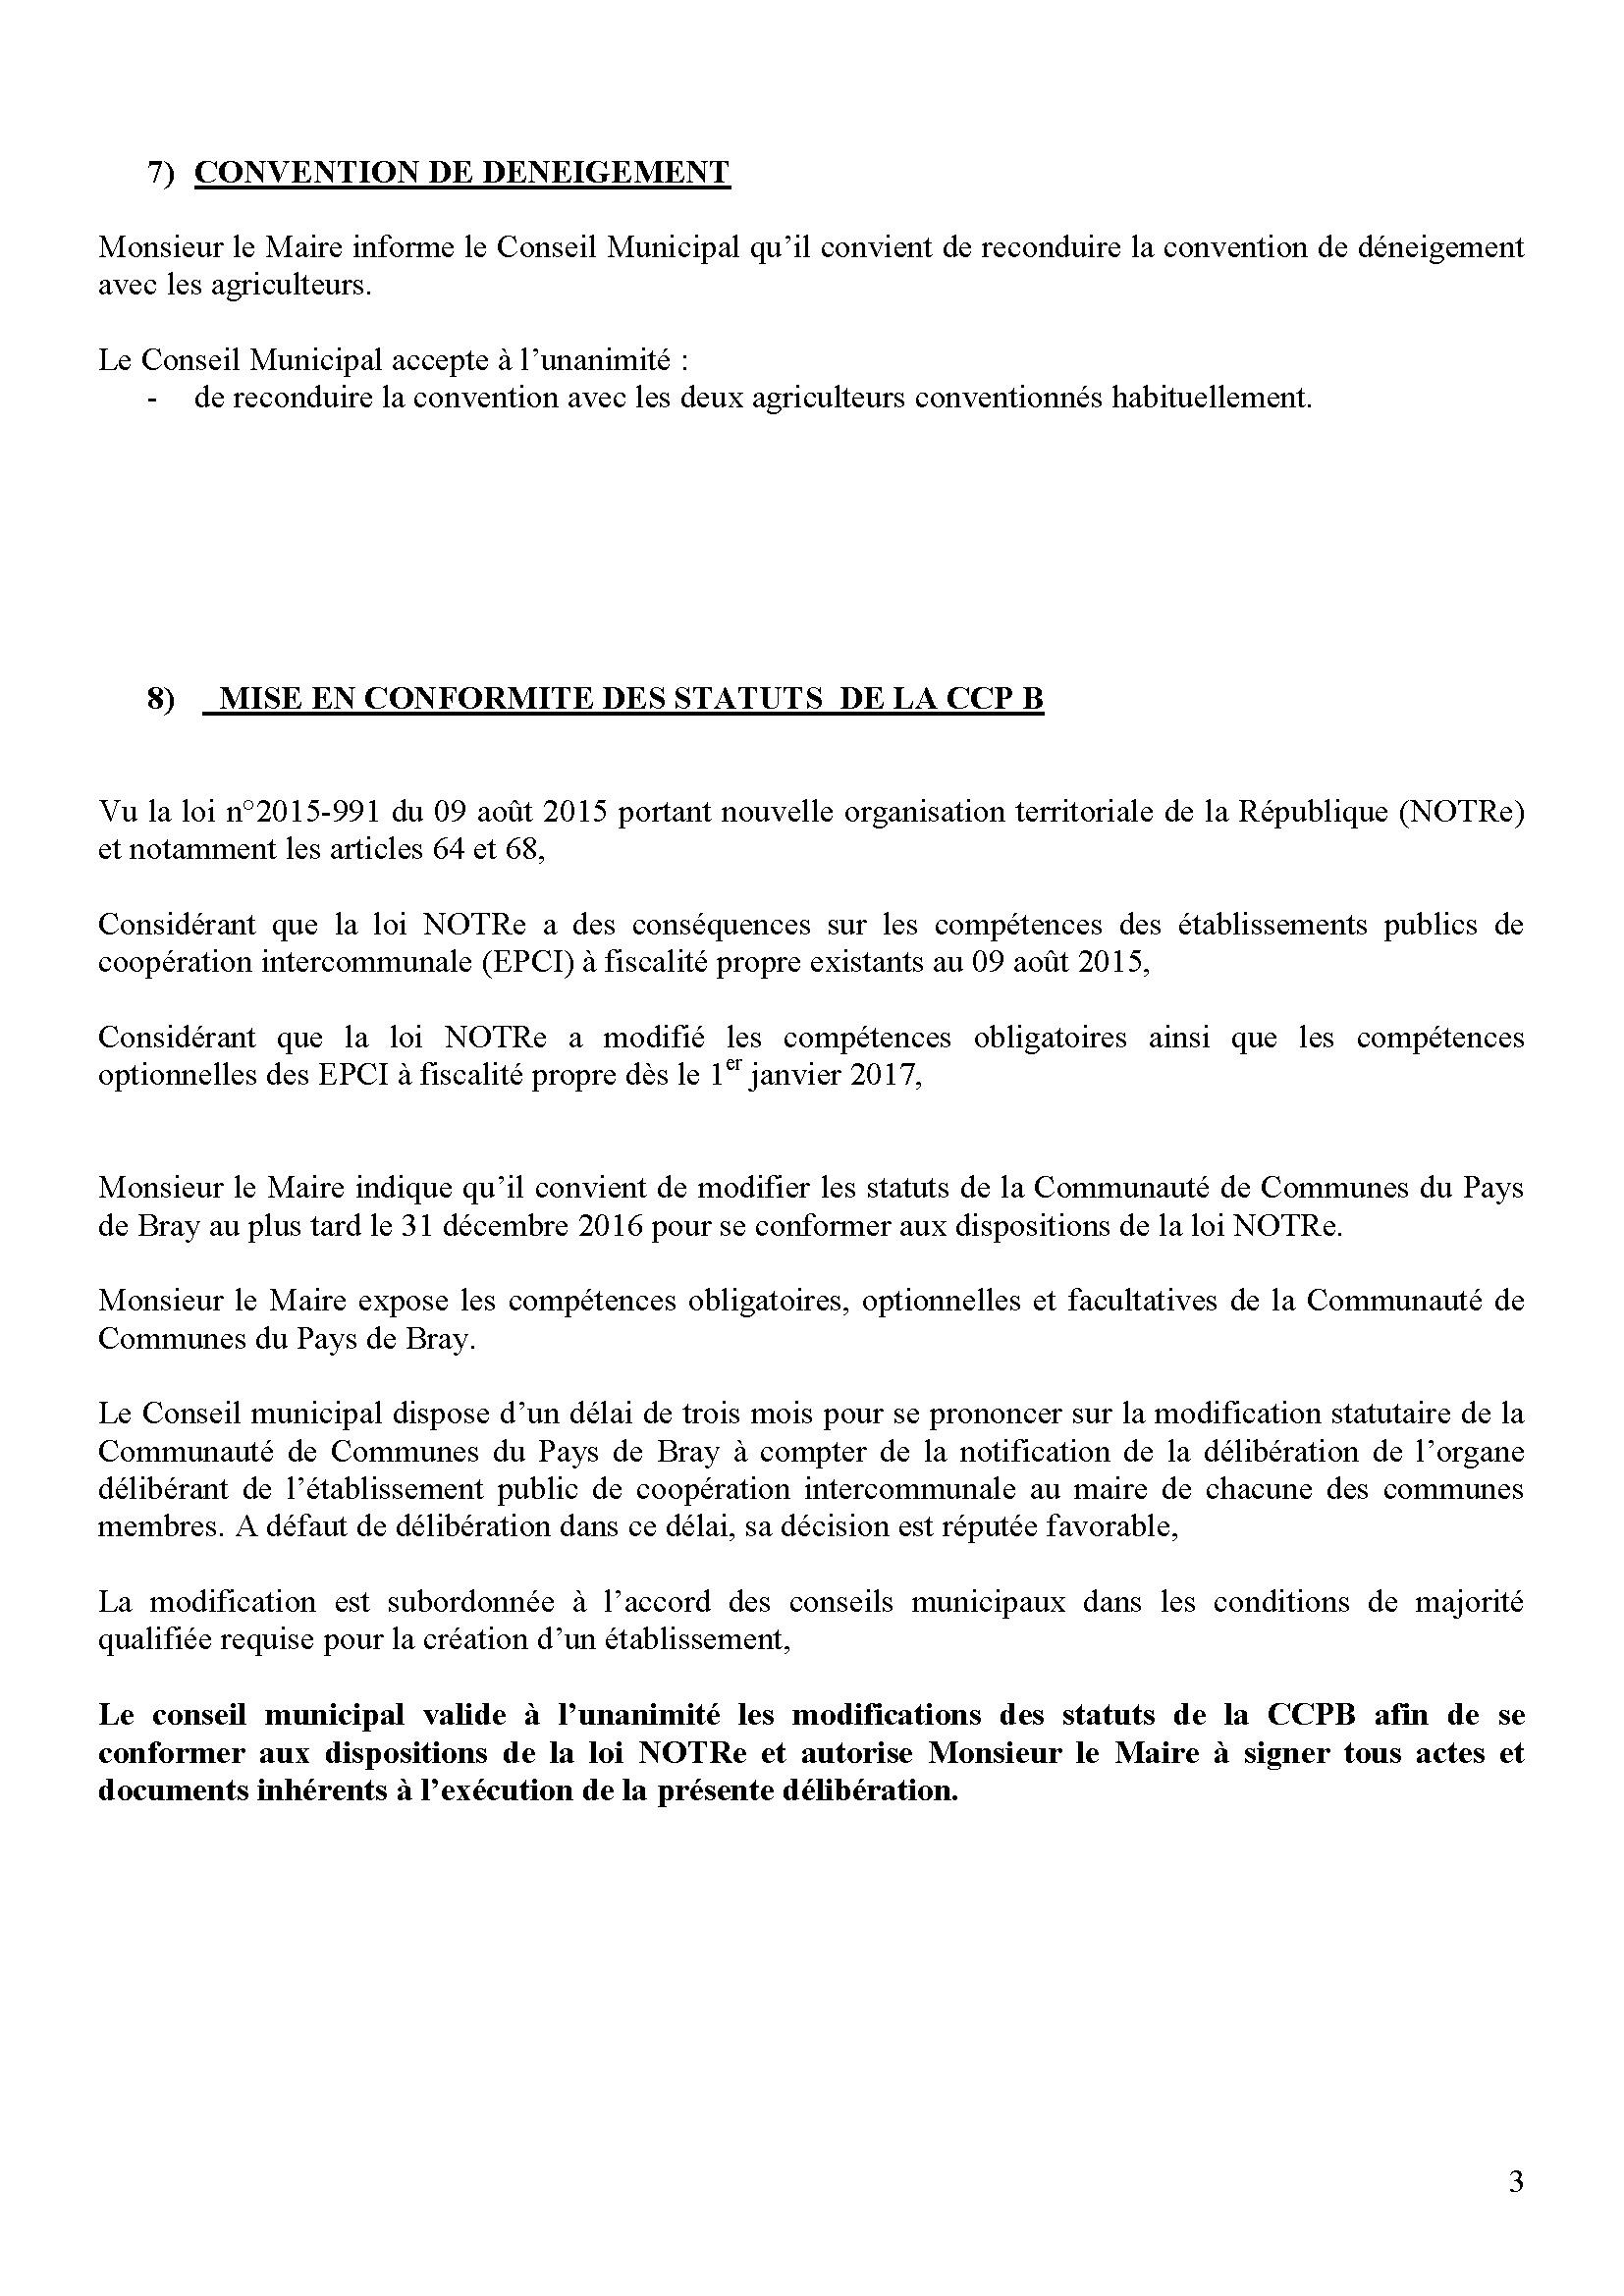 cr-du-03112016-page-3